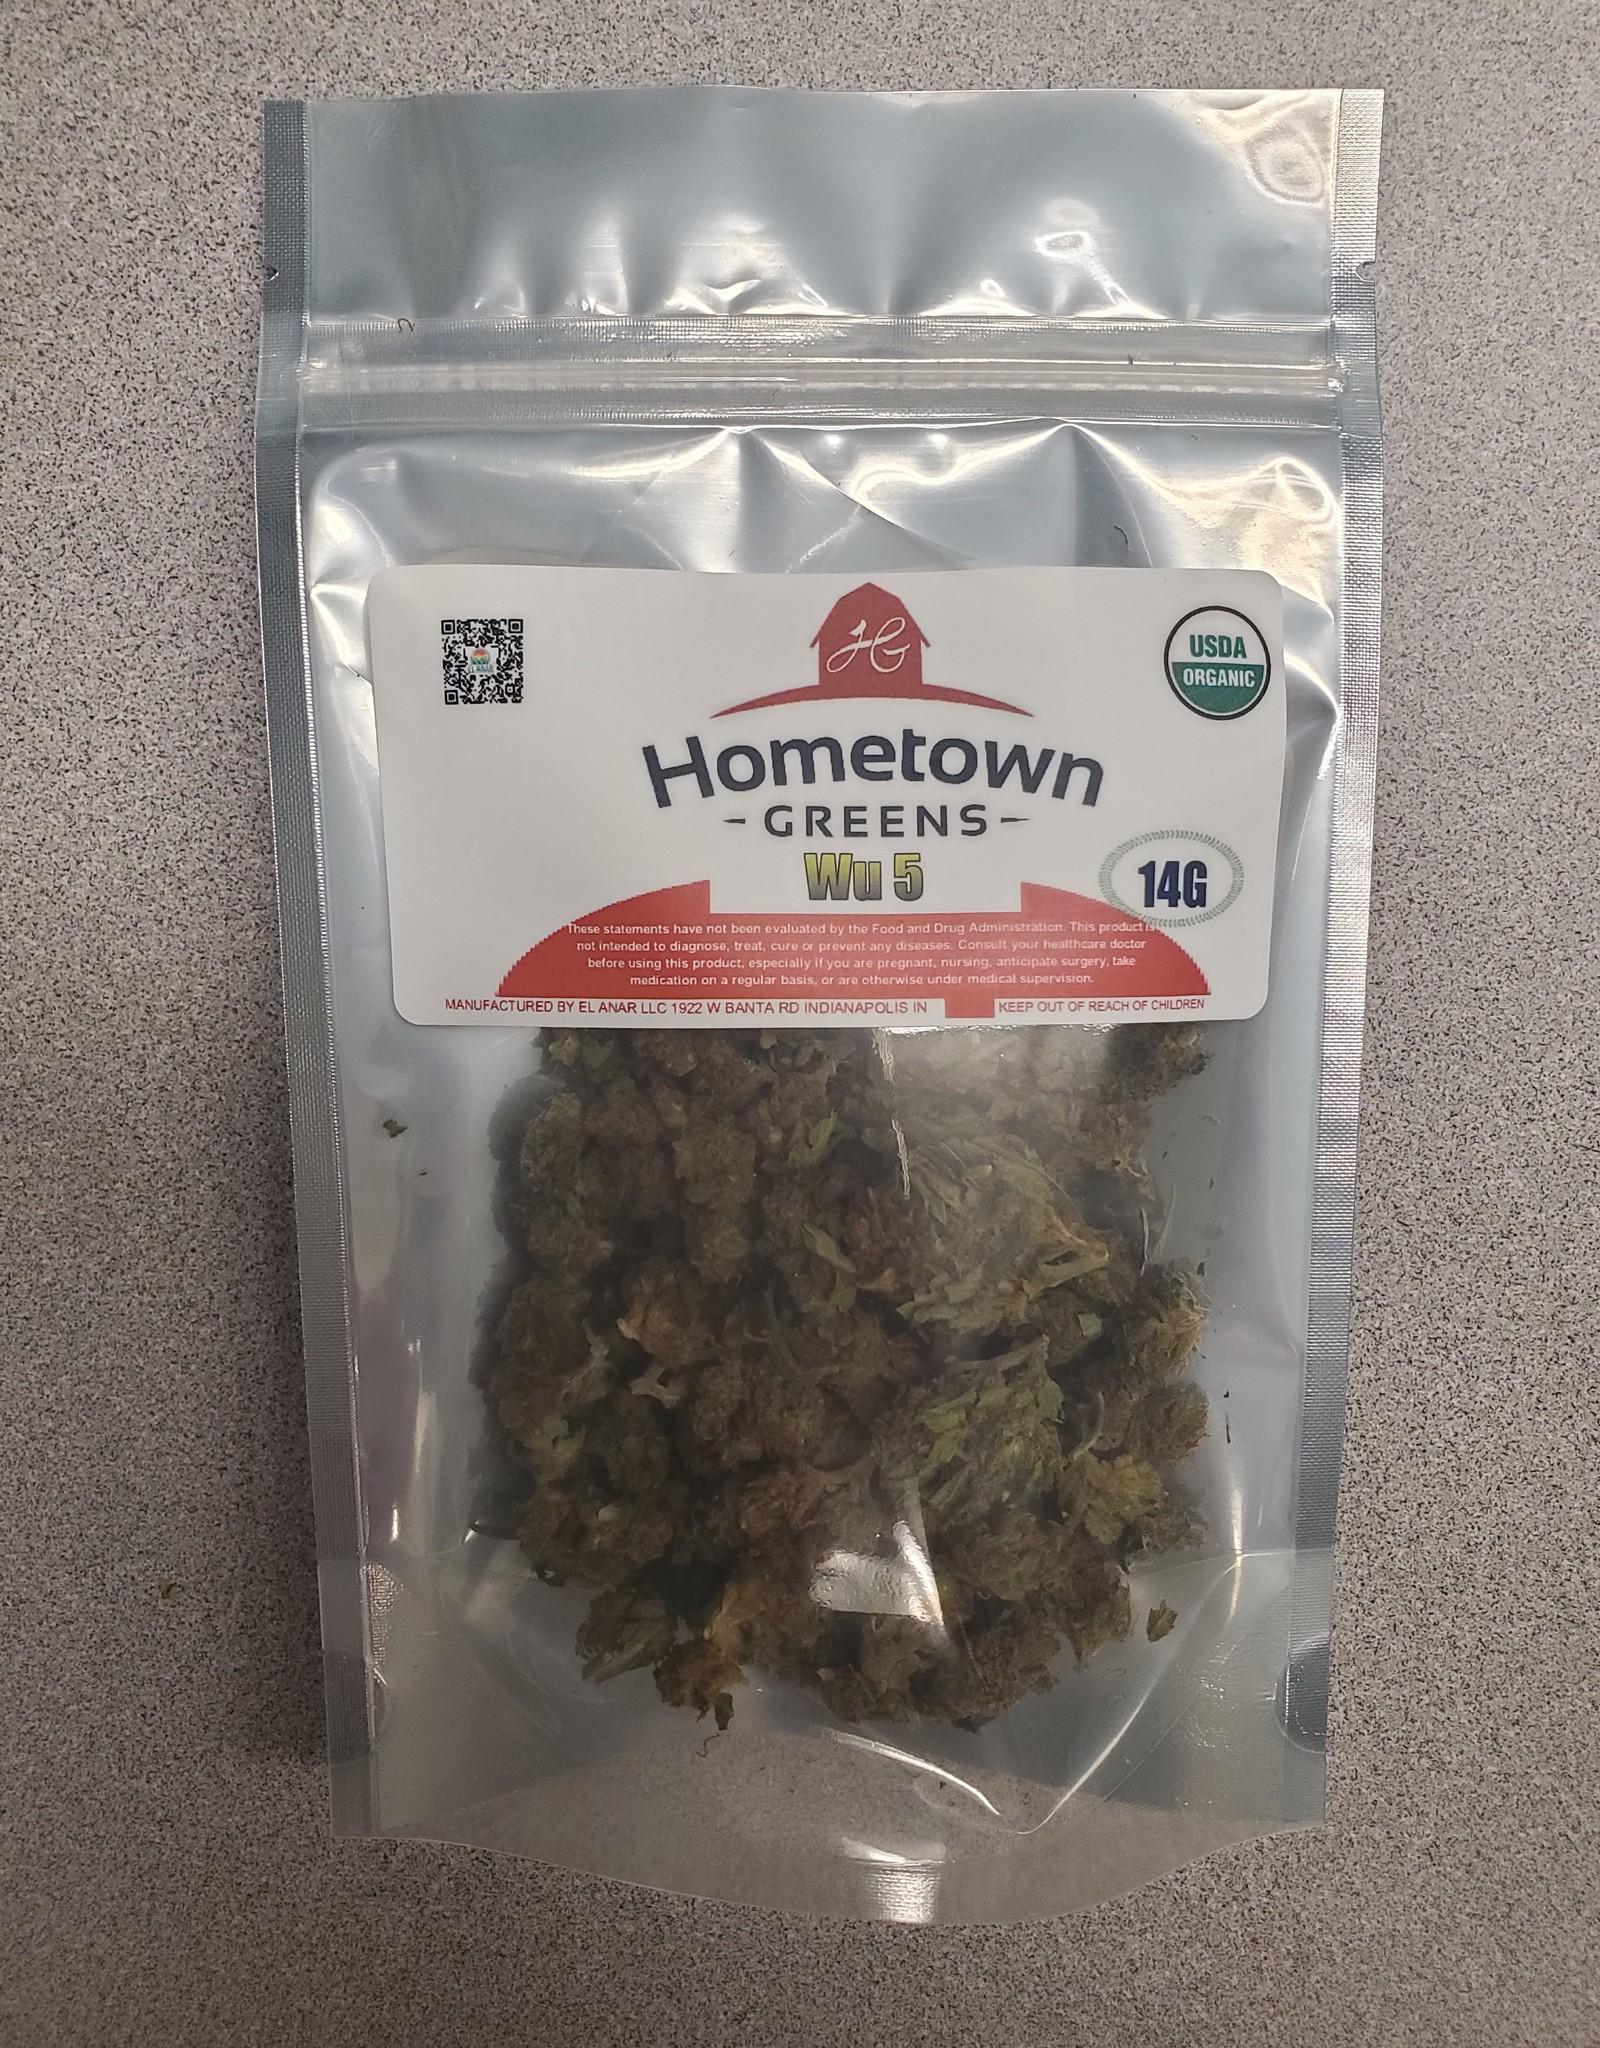 Hometown Greens Wu 5 Hemp Flower - 14g